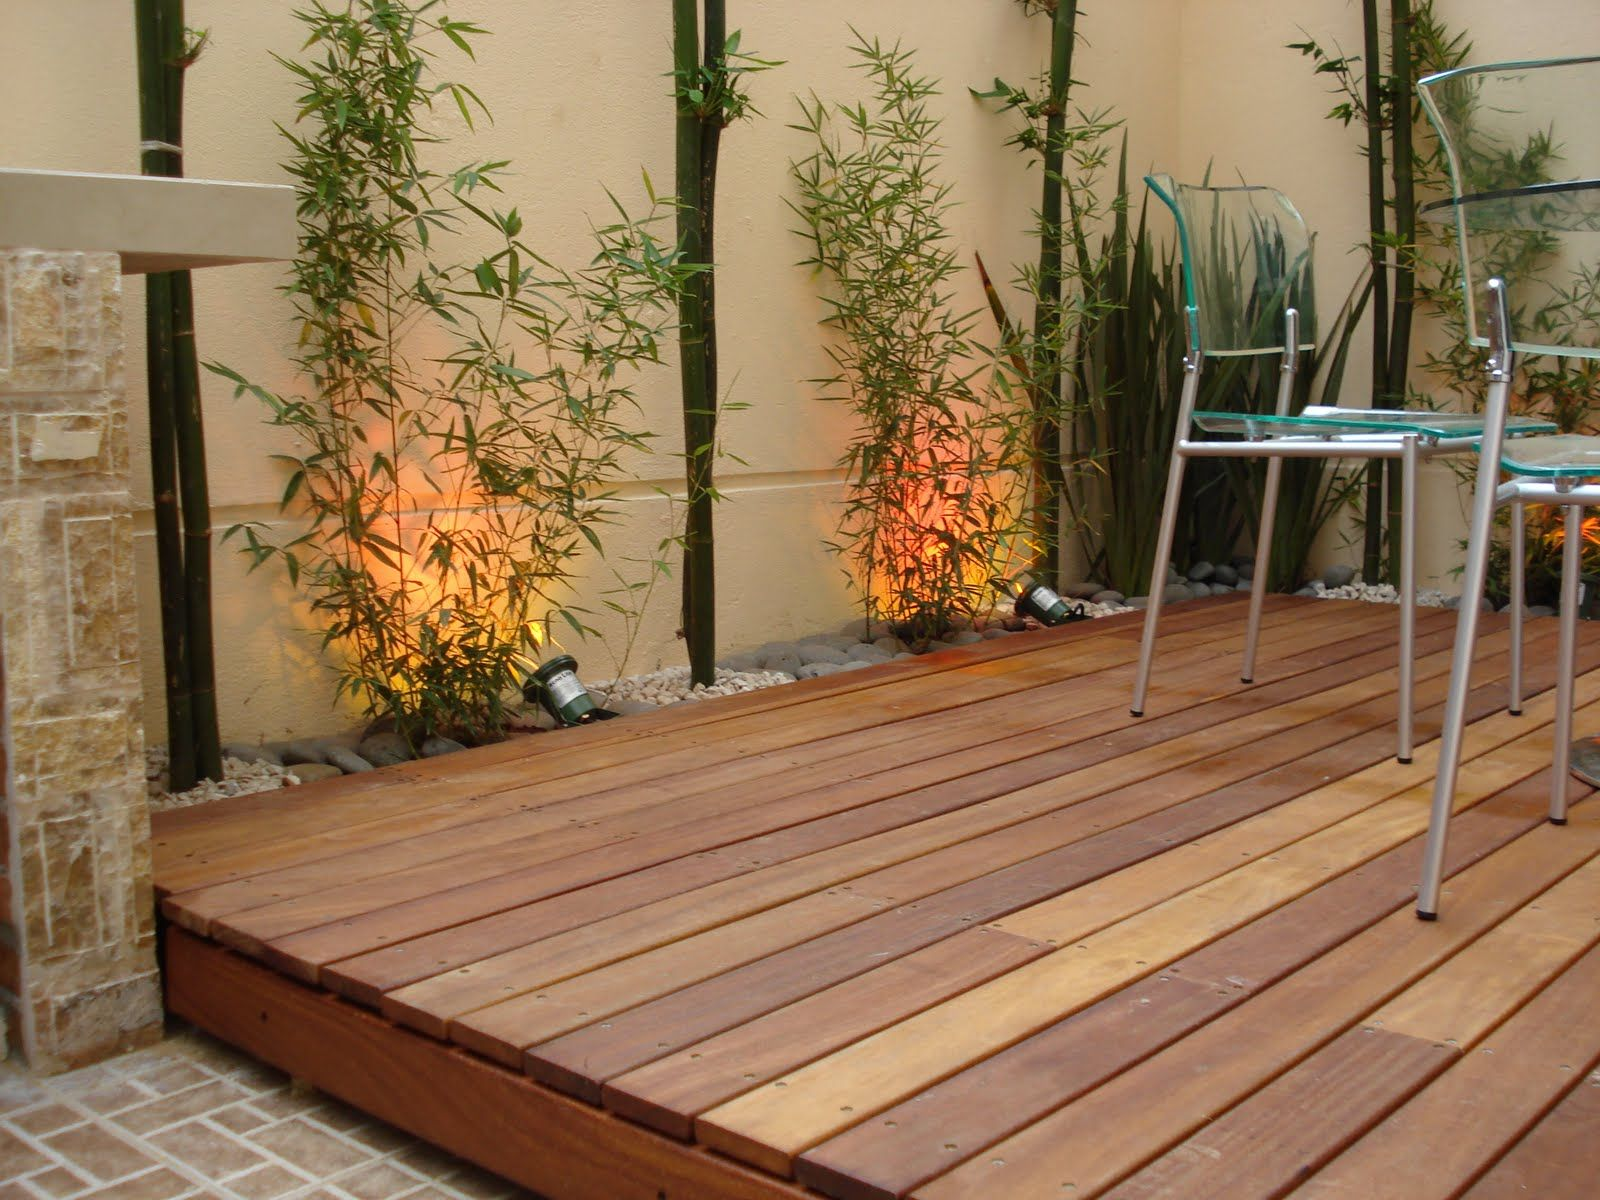 Terraza con deck decorado en madera y sillas de acero - Terrazas de madera ...